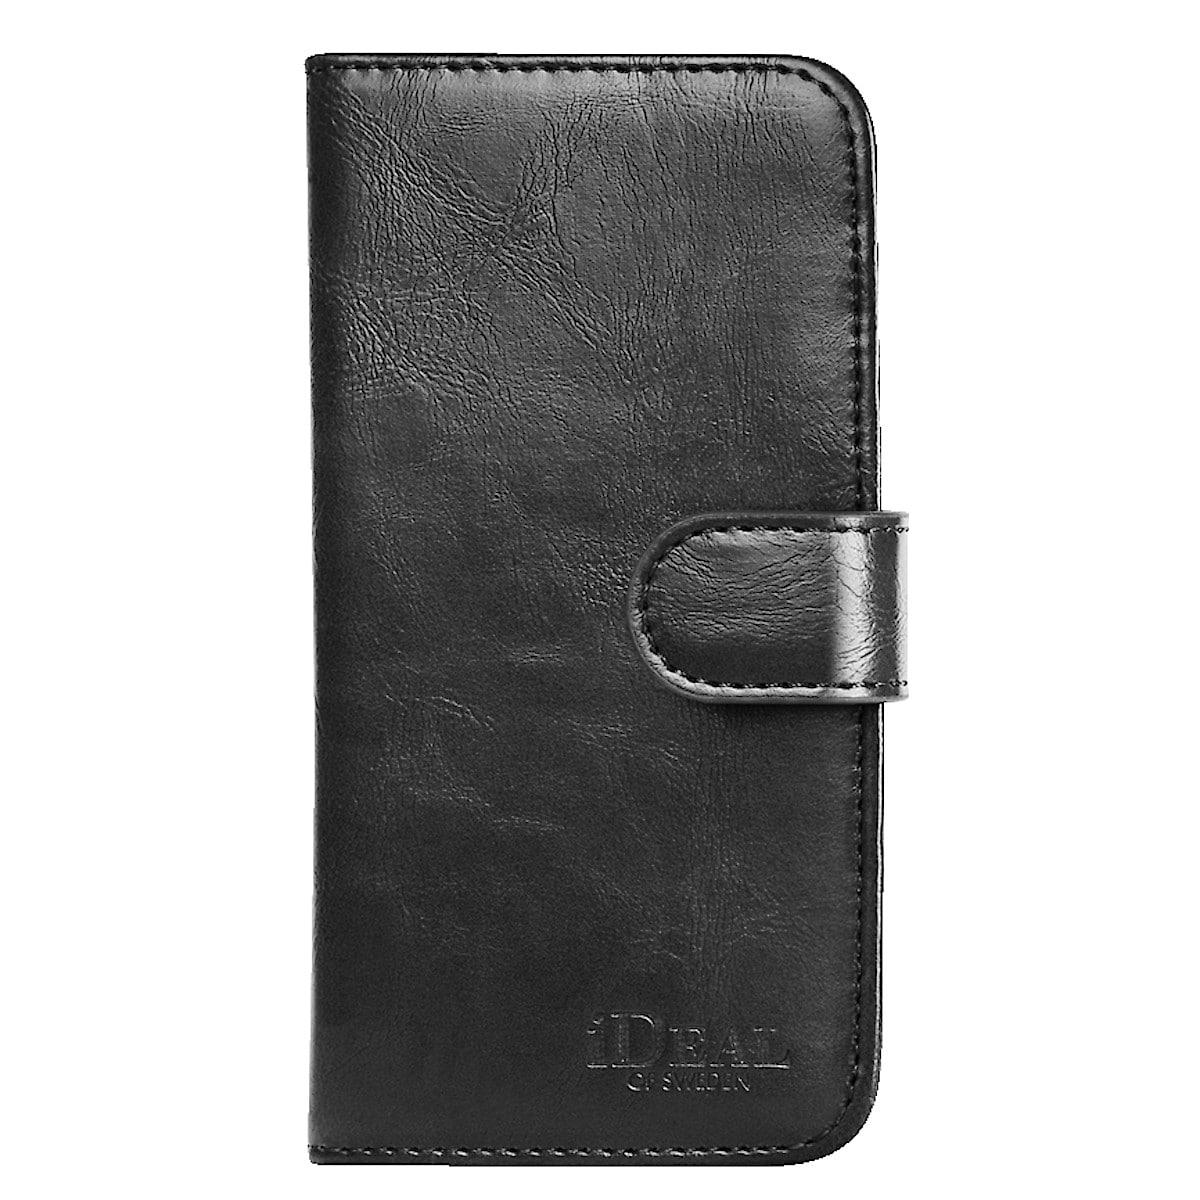 Plånboksfodral för iPhone 8 iDeal of Sweden